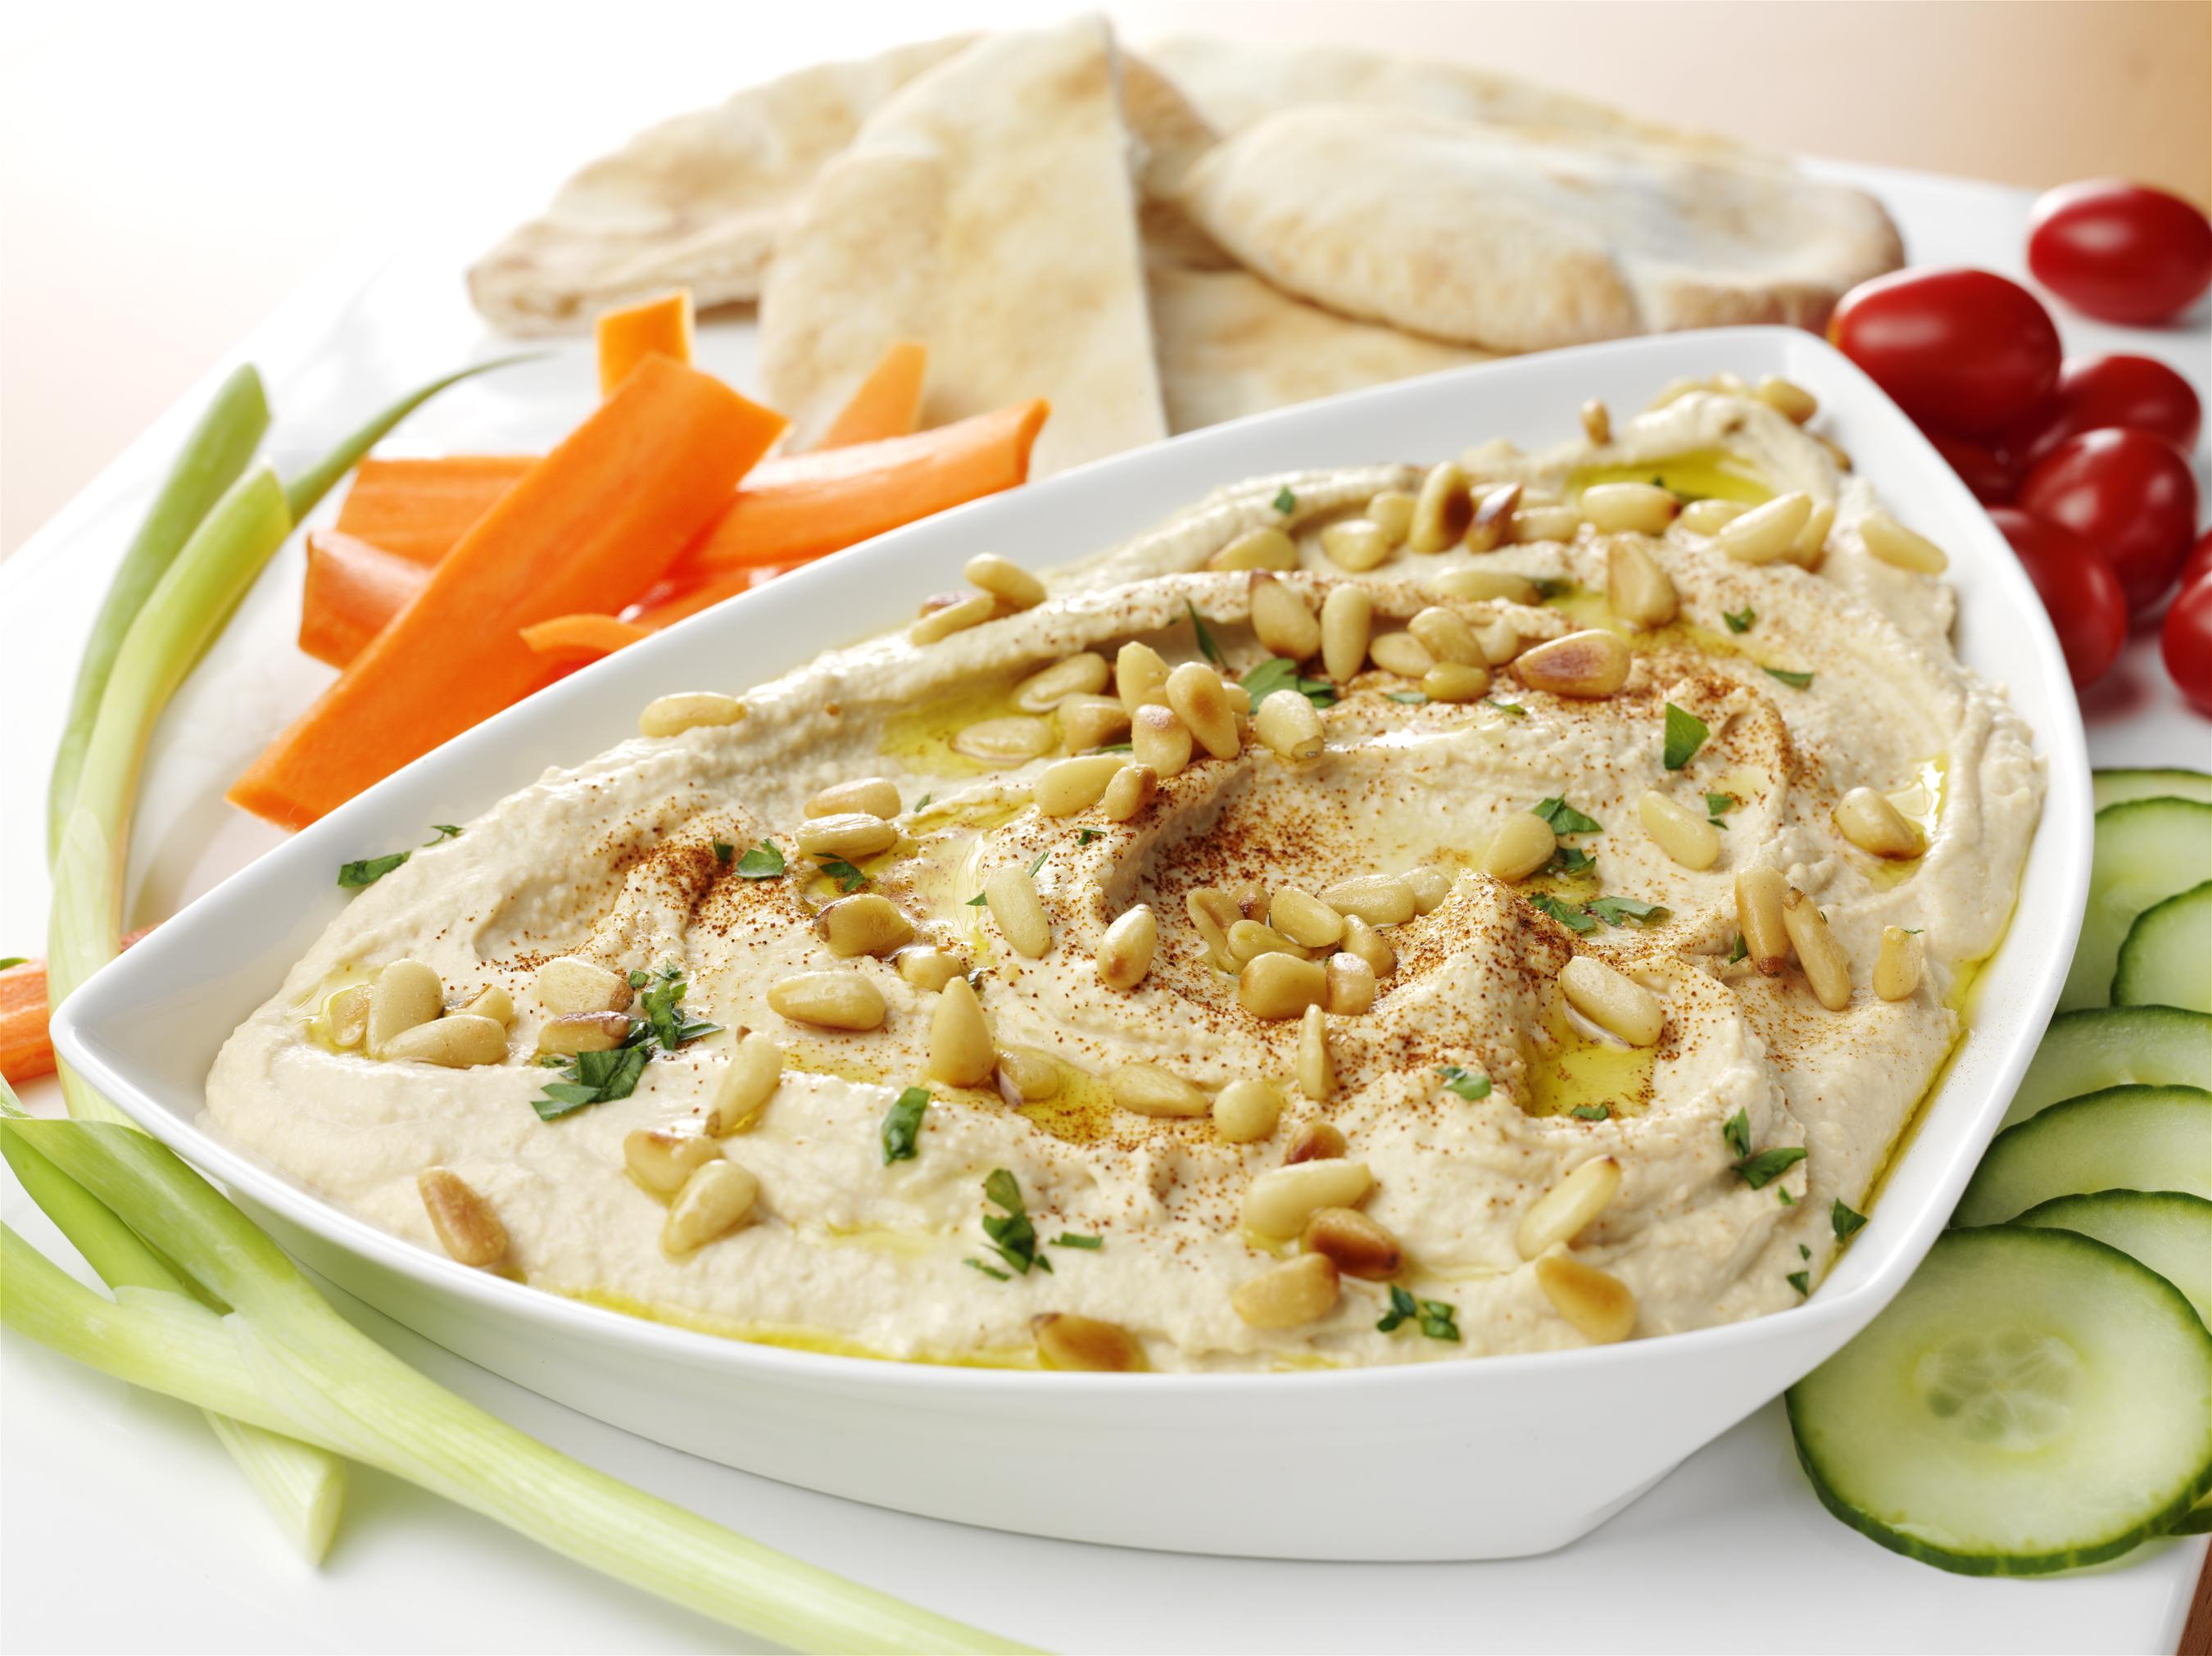 RECIPE: Toasted Pine Nut & Garlic Hummus